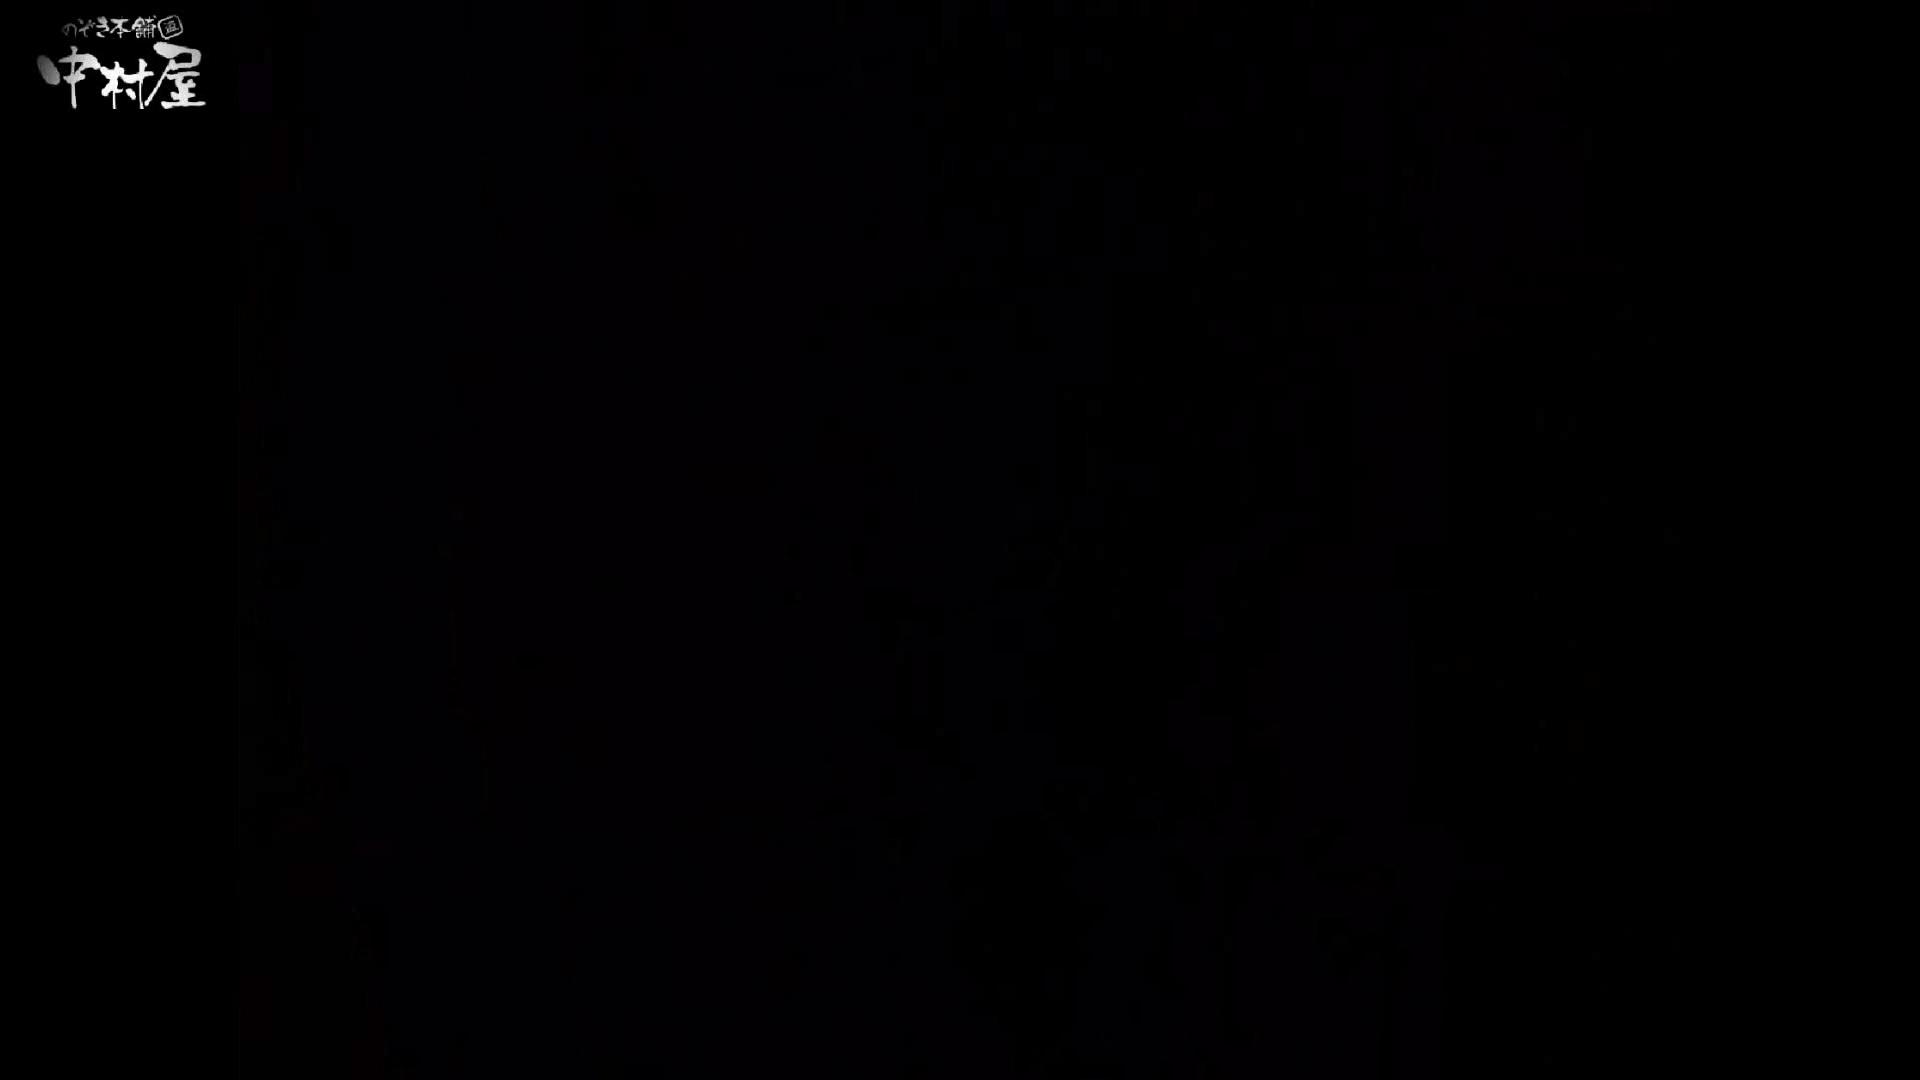 民家風呂専門盗撮師の超危険映像 vol.016 盗撮 ワレメ無修正動画無料 72連発 33